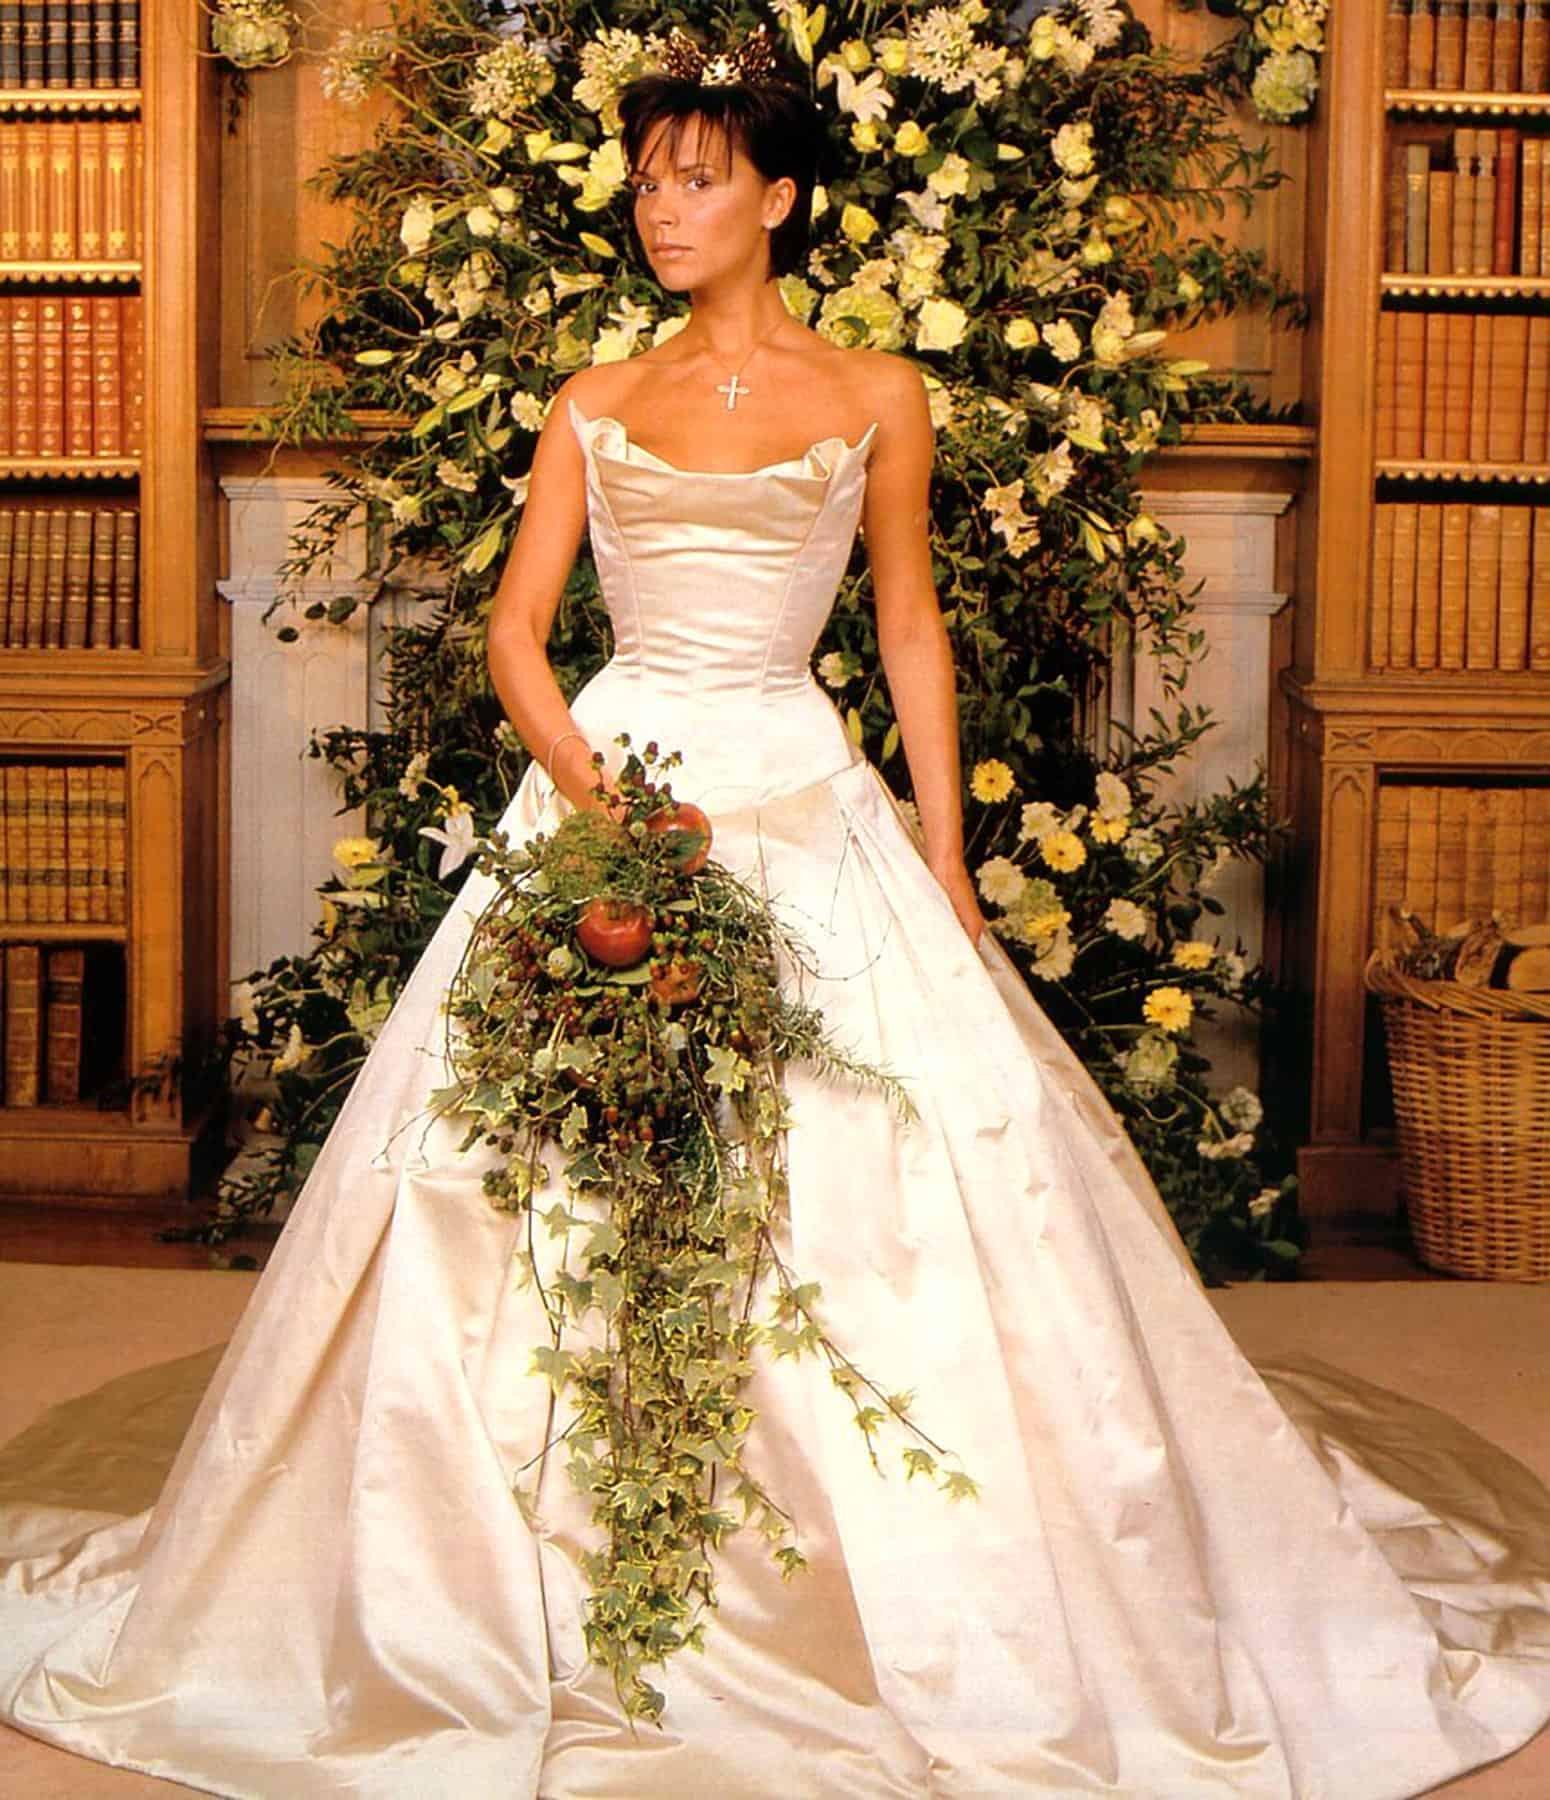 Schauspiel Brautkleider die Sie gesehen haben sollten - Seite 16